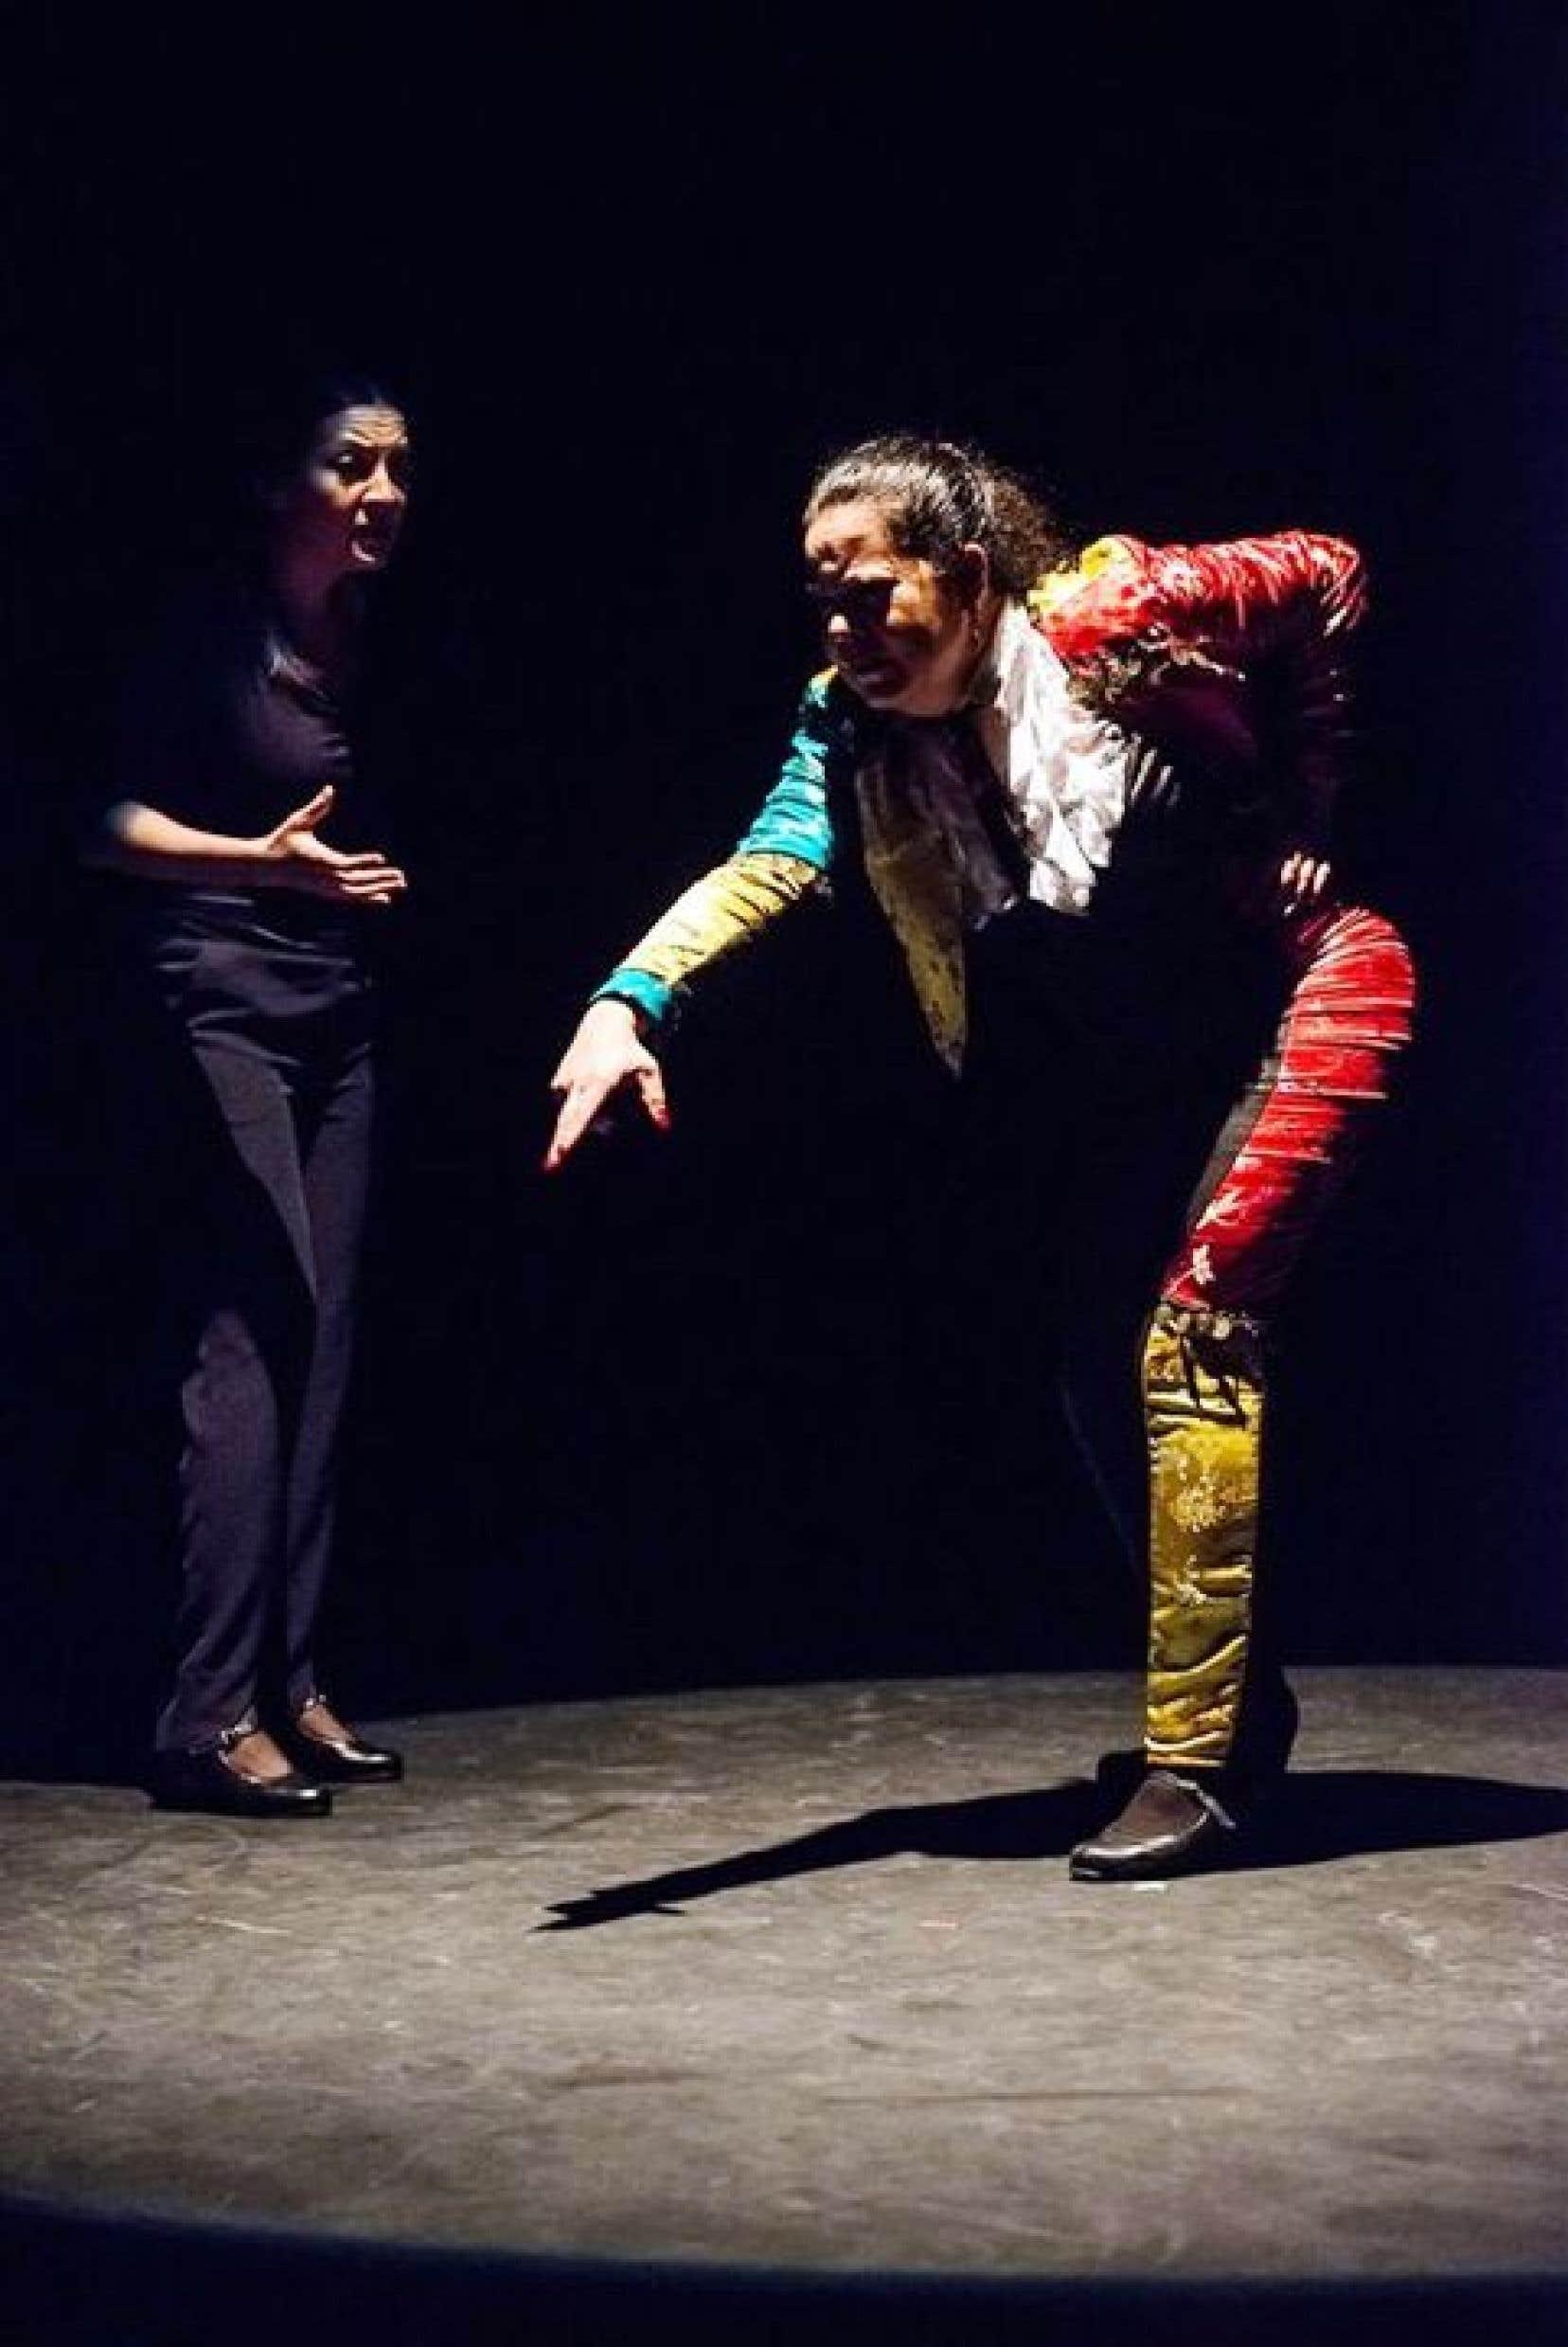 Carmen Romero habillée en torero a offert une chorégraphie a palo seco où le rythme affolant et hypnotique des mains et des pieds seyait parfaitement à ce duel feint entre le taureau et le matador.